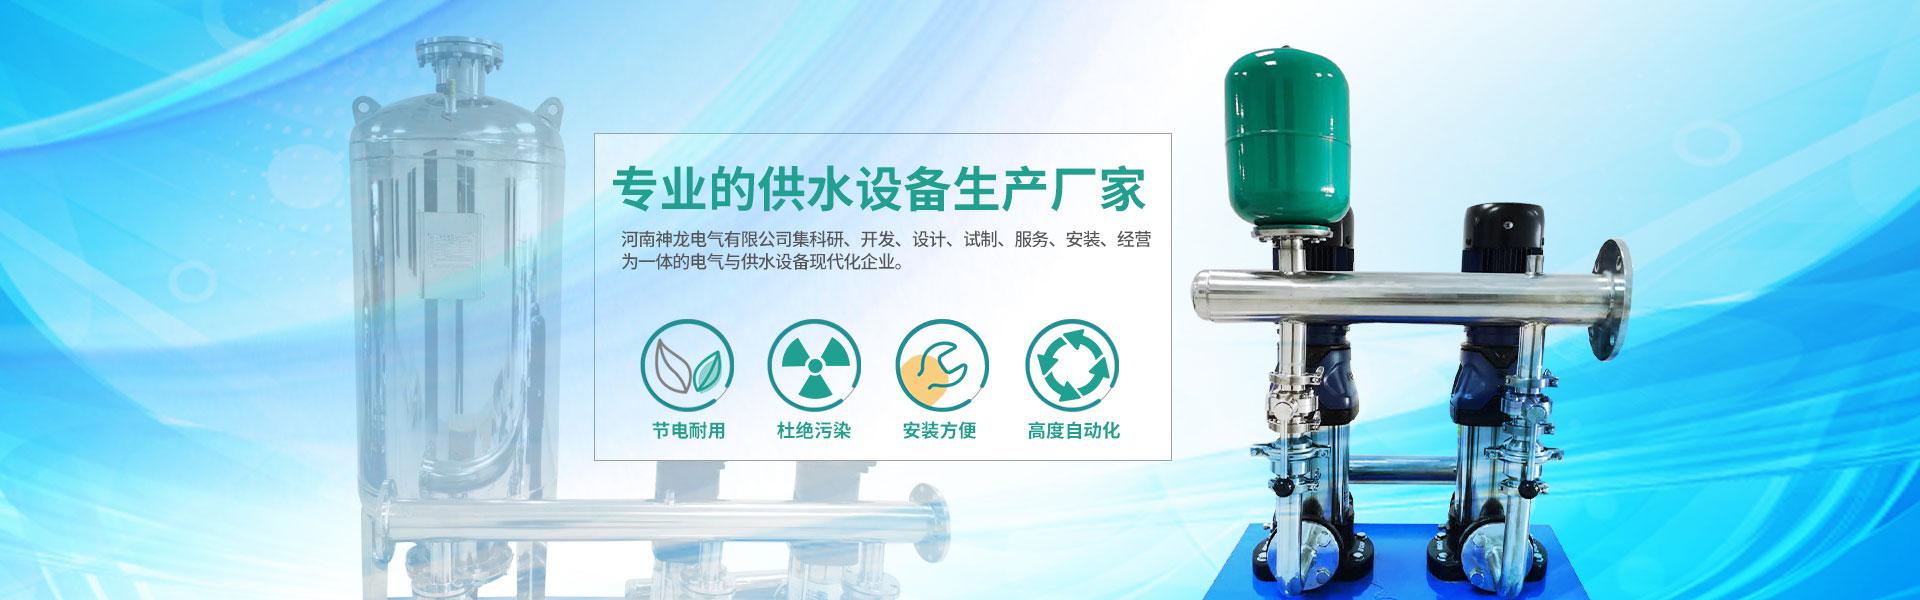 信阳神龙电气雷竞技官方网站raybet雷竞技导航公司